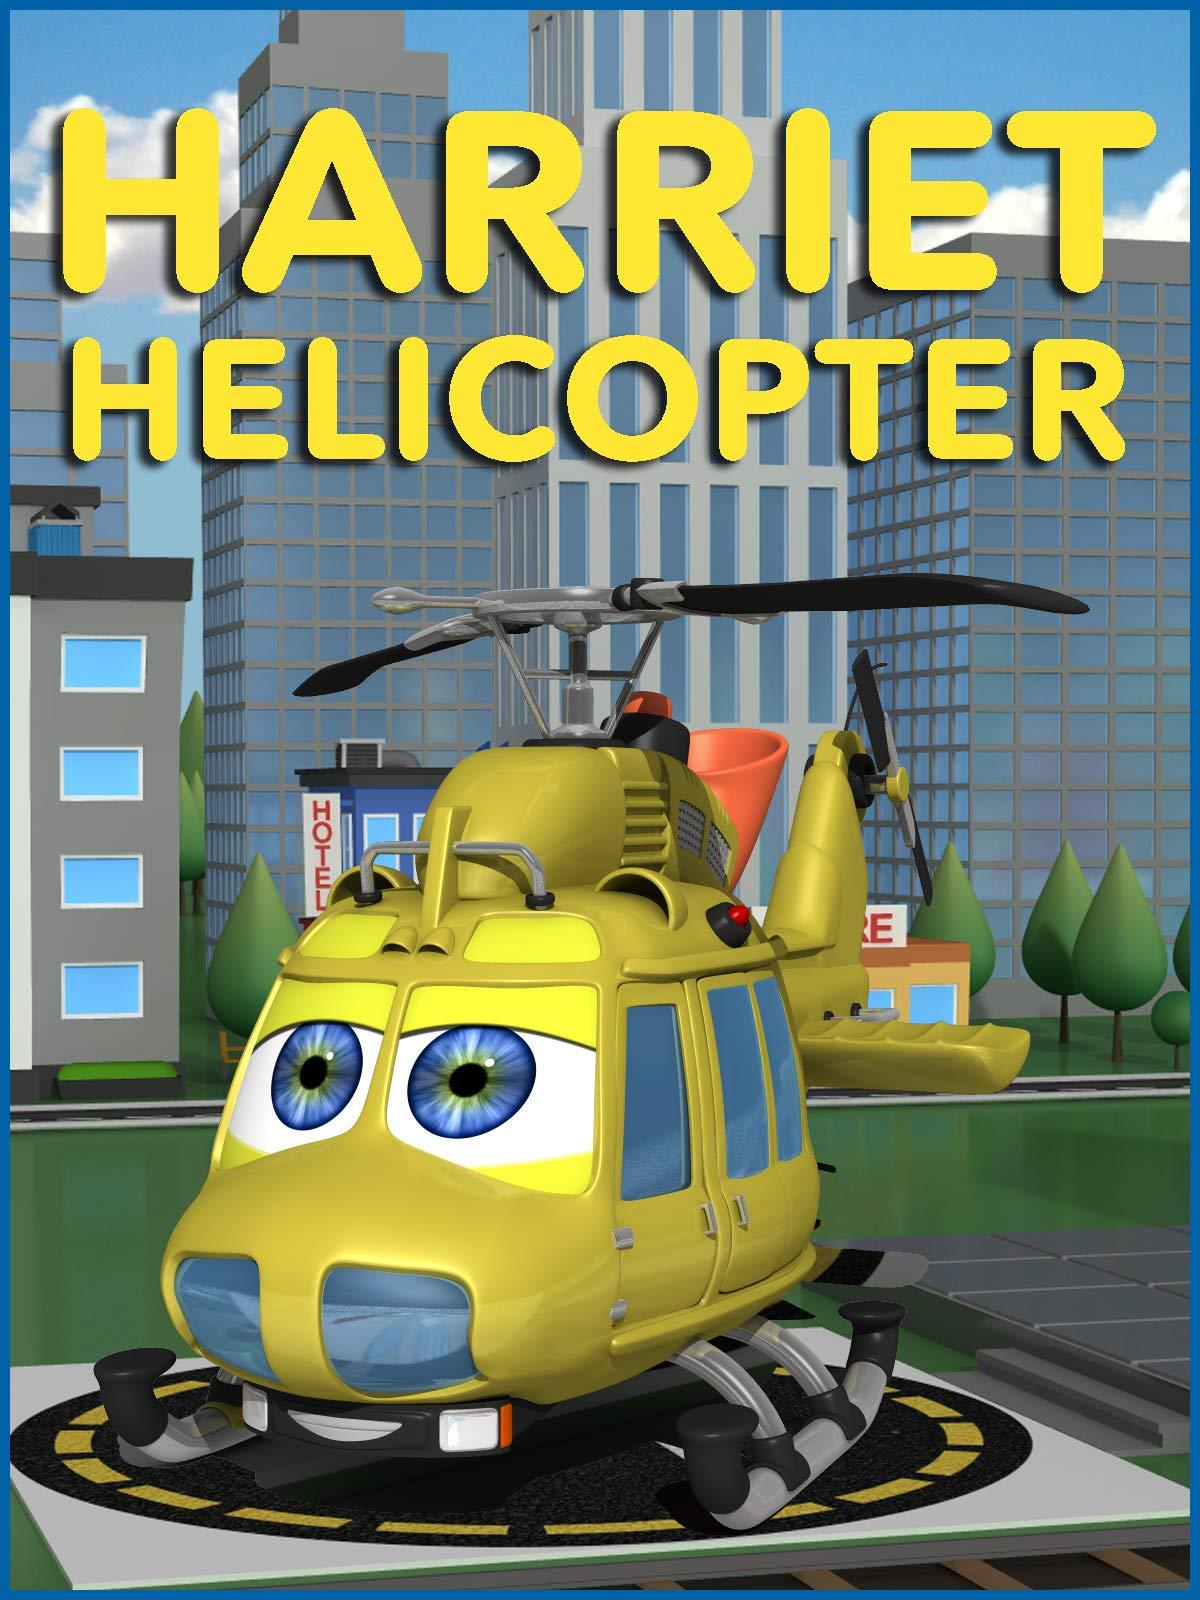 Harriet Helicopter